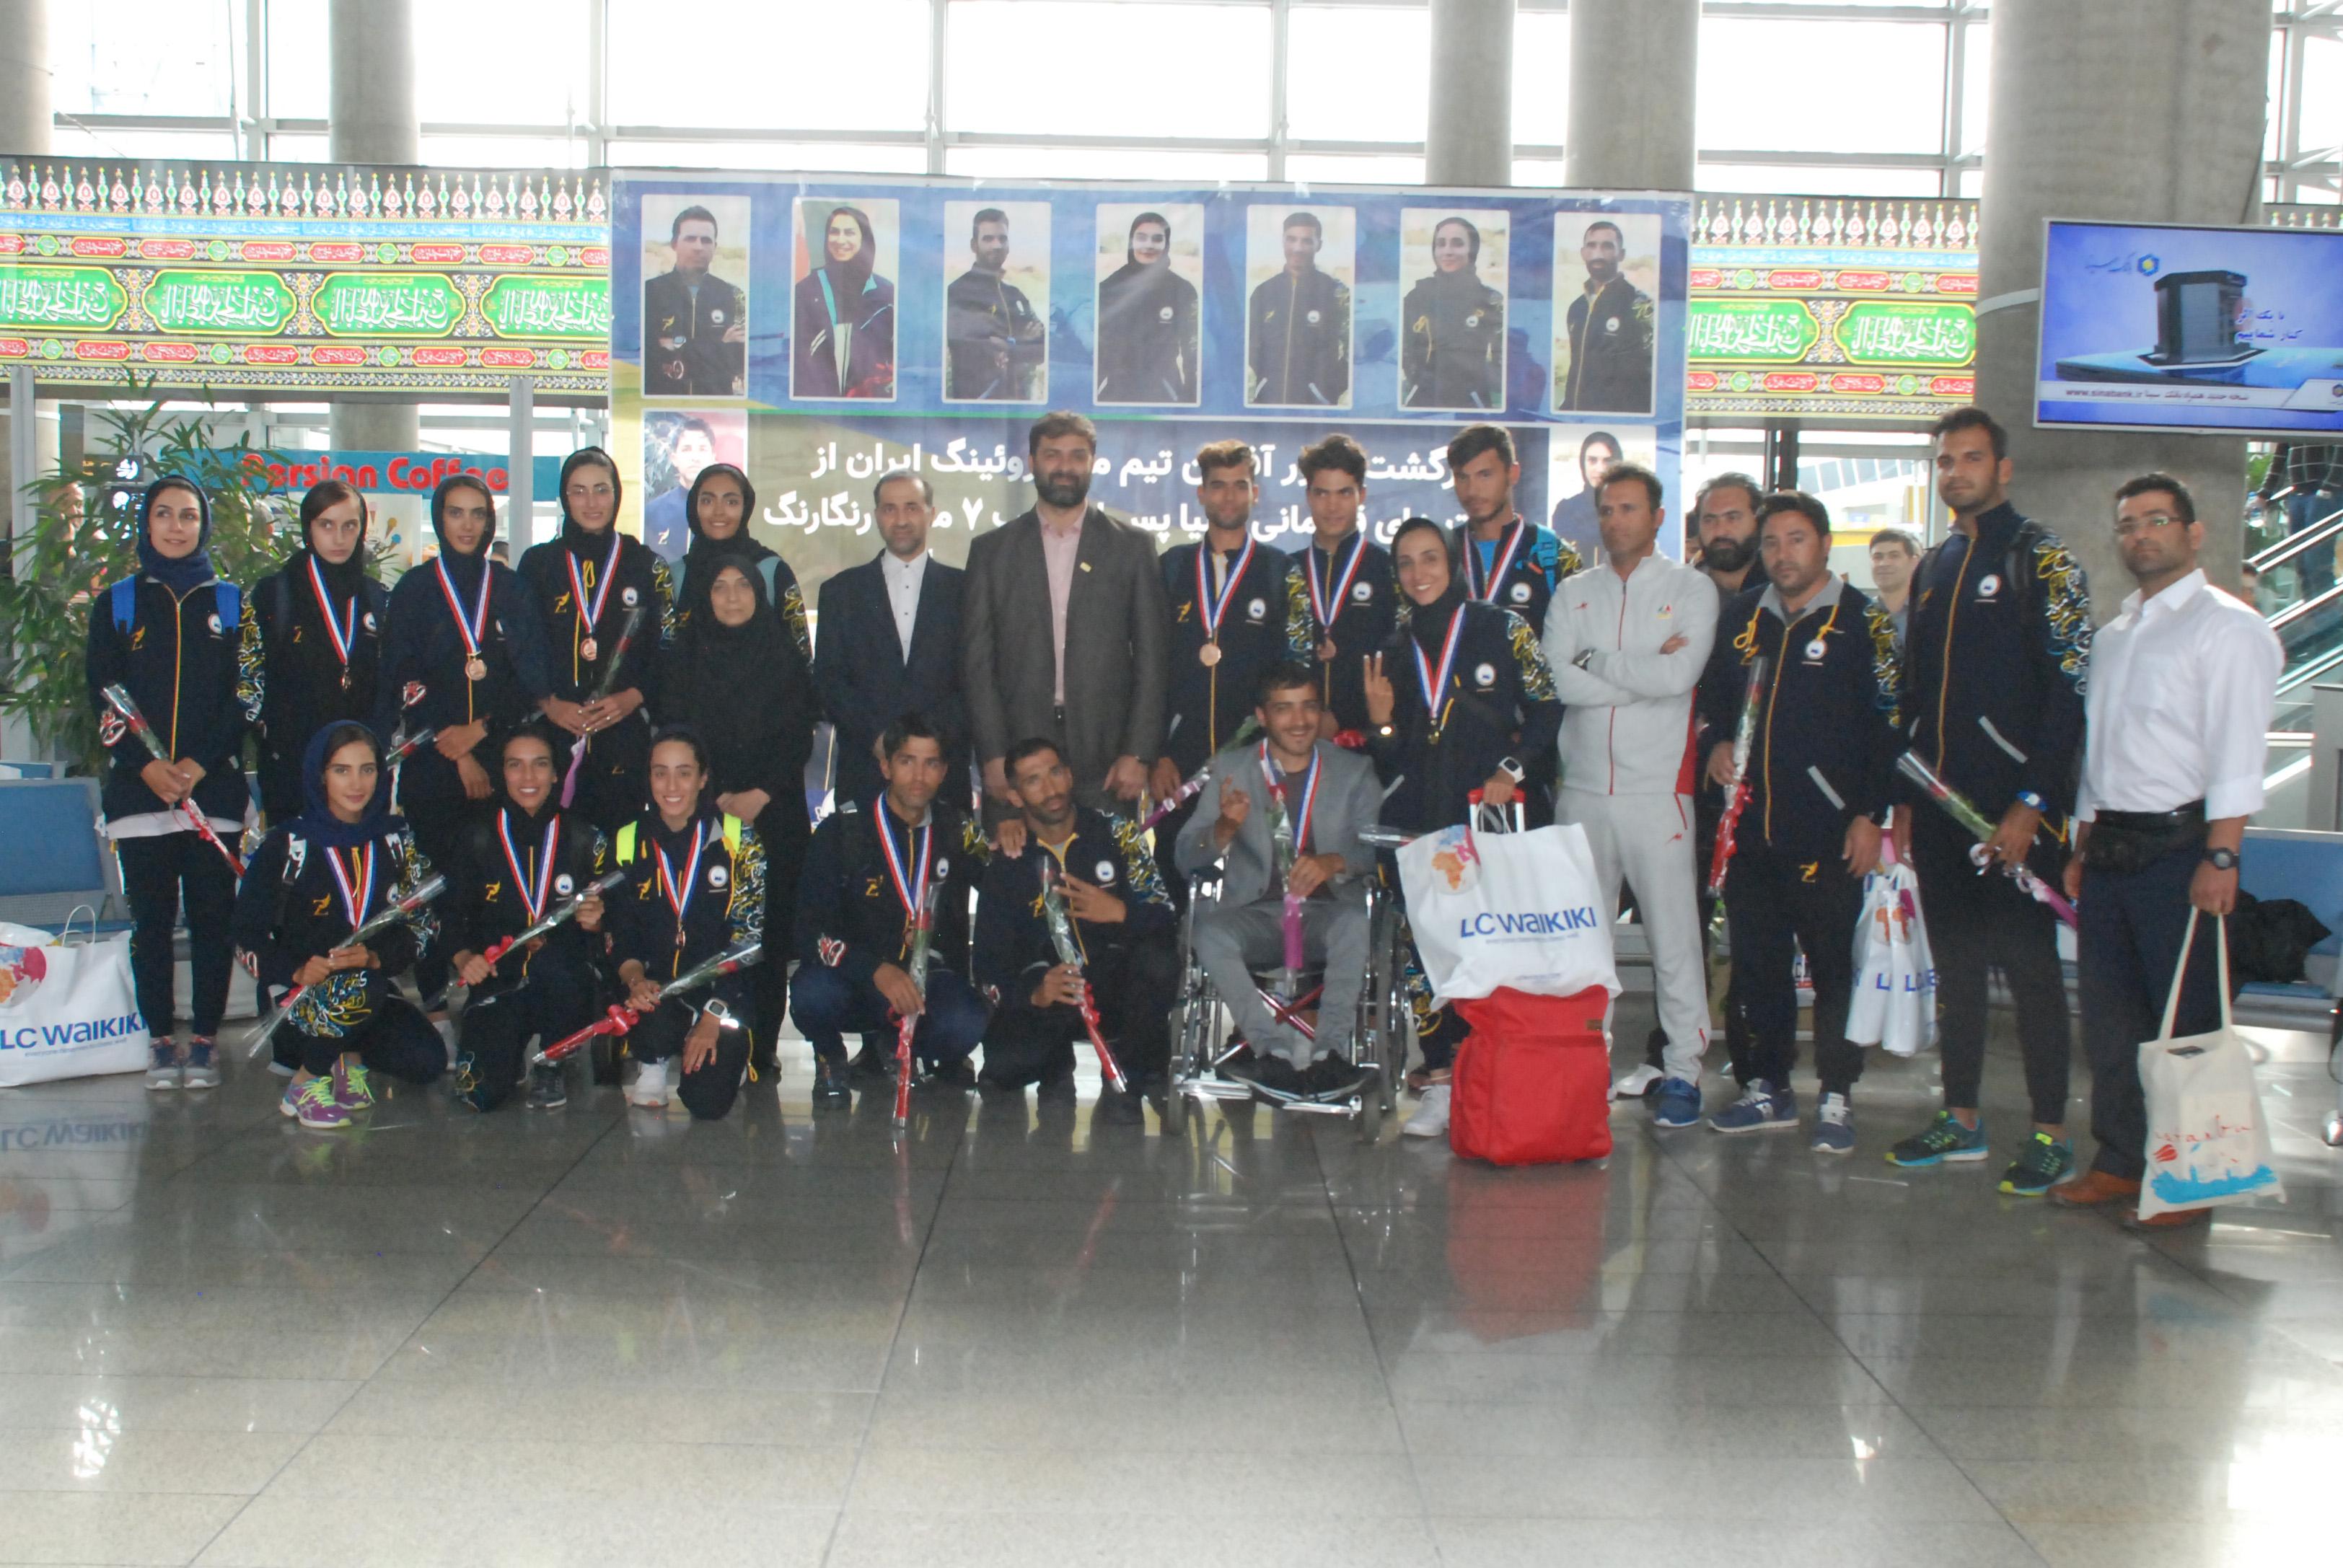 استقبال از تیم ملی روئینگ با حضور مسئولان وزارت ورزش و فدراسیون